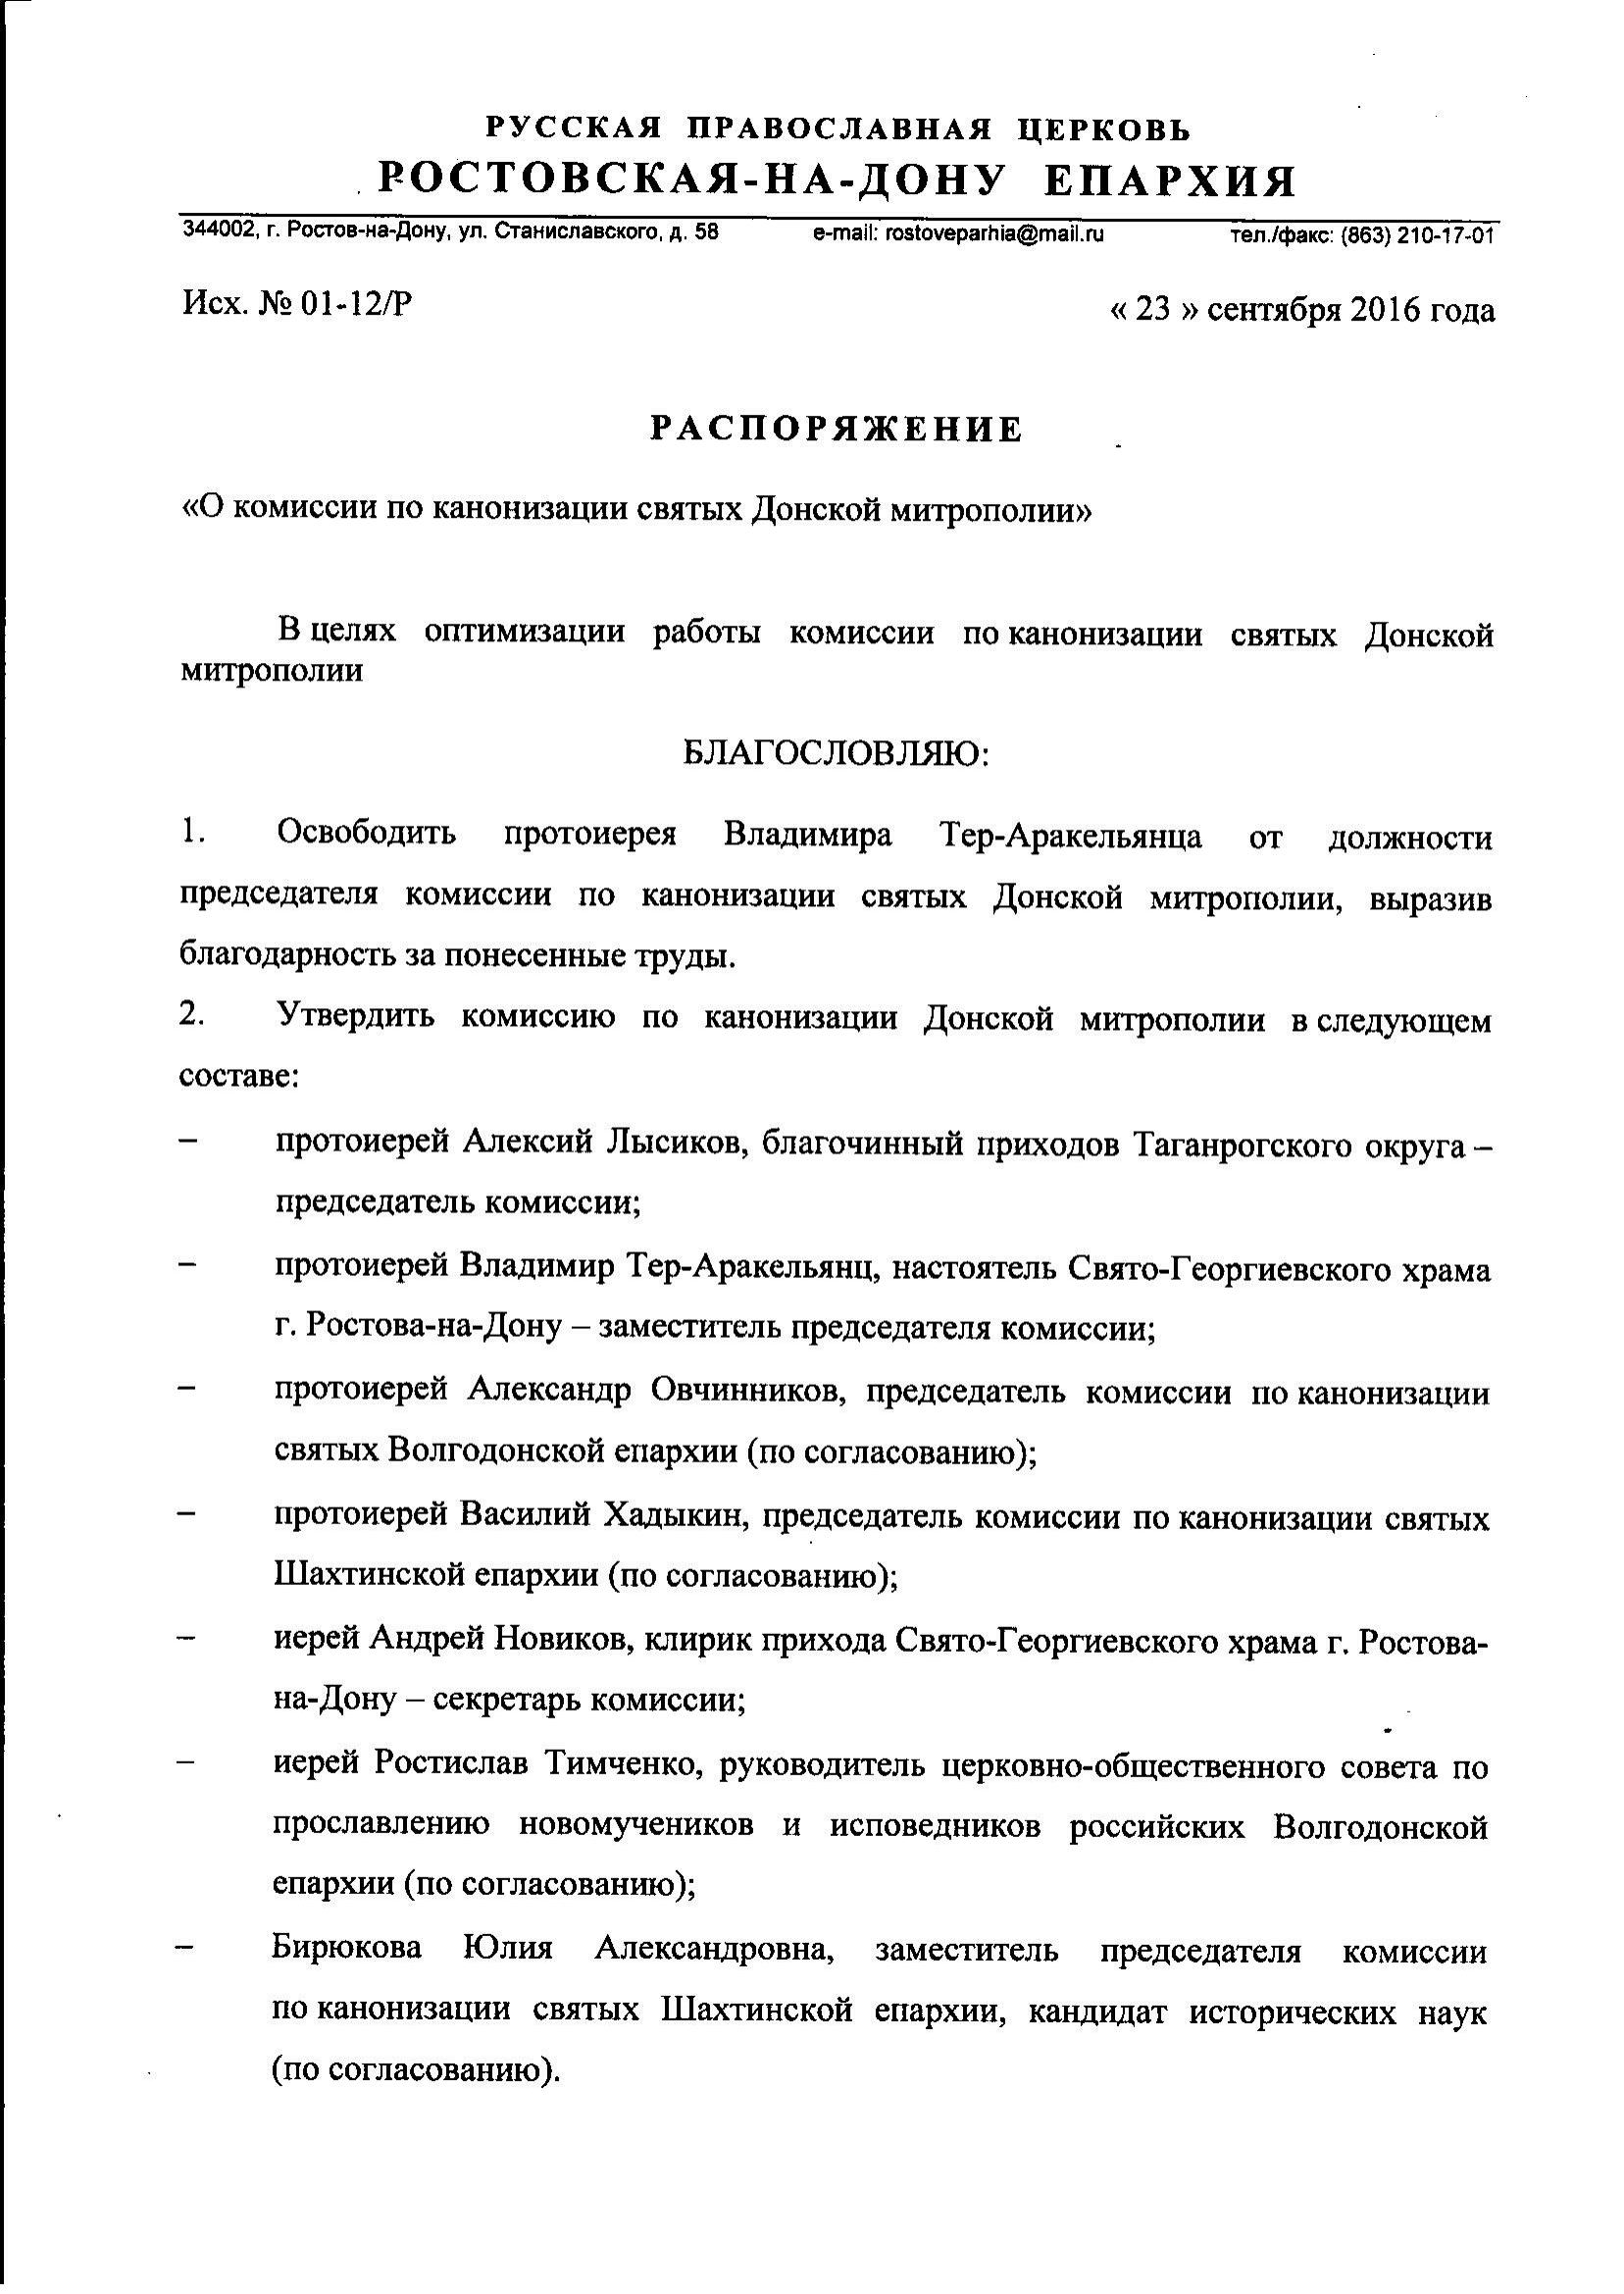 rasporyazhenie_o_komissii_po_kanonizatsii_svyatykh_donskoy_mitropolii-1